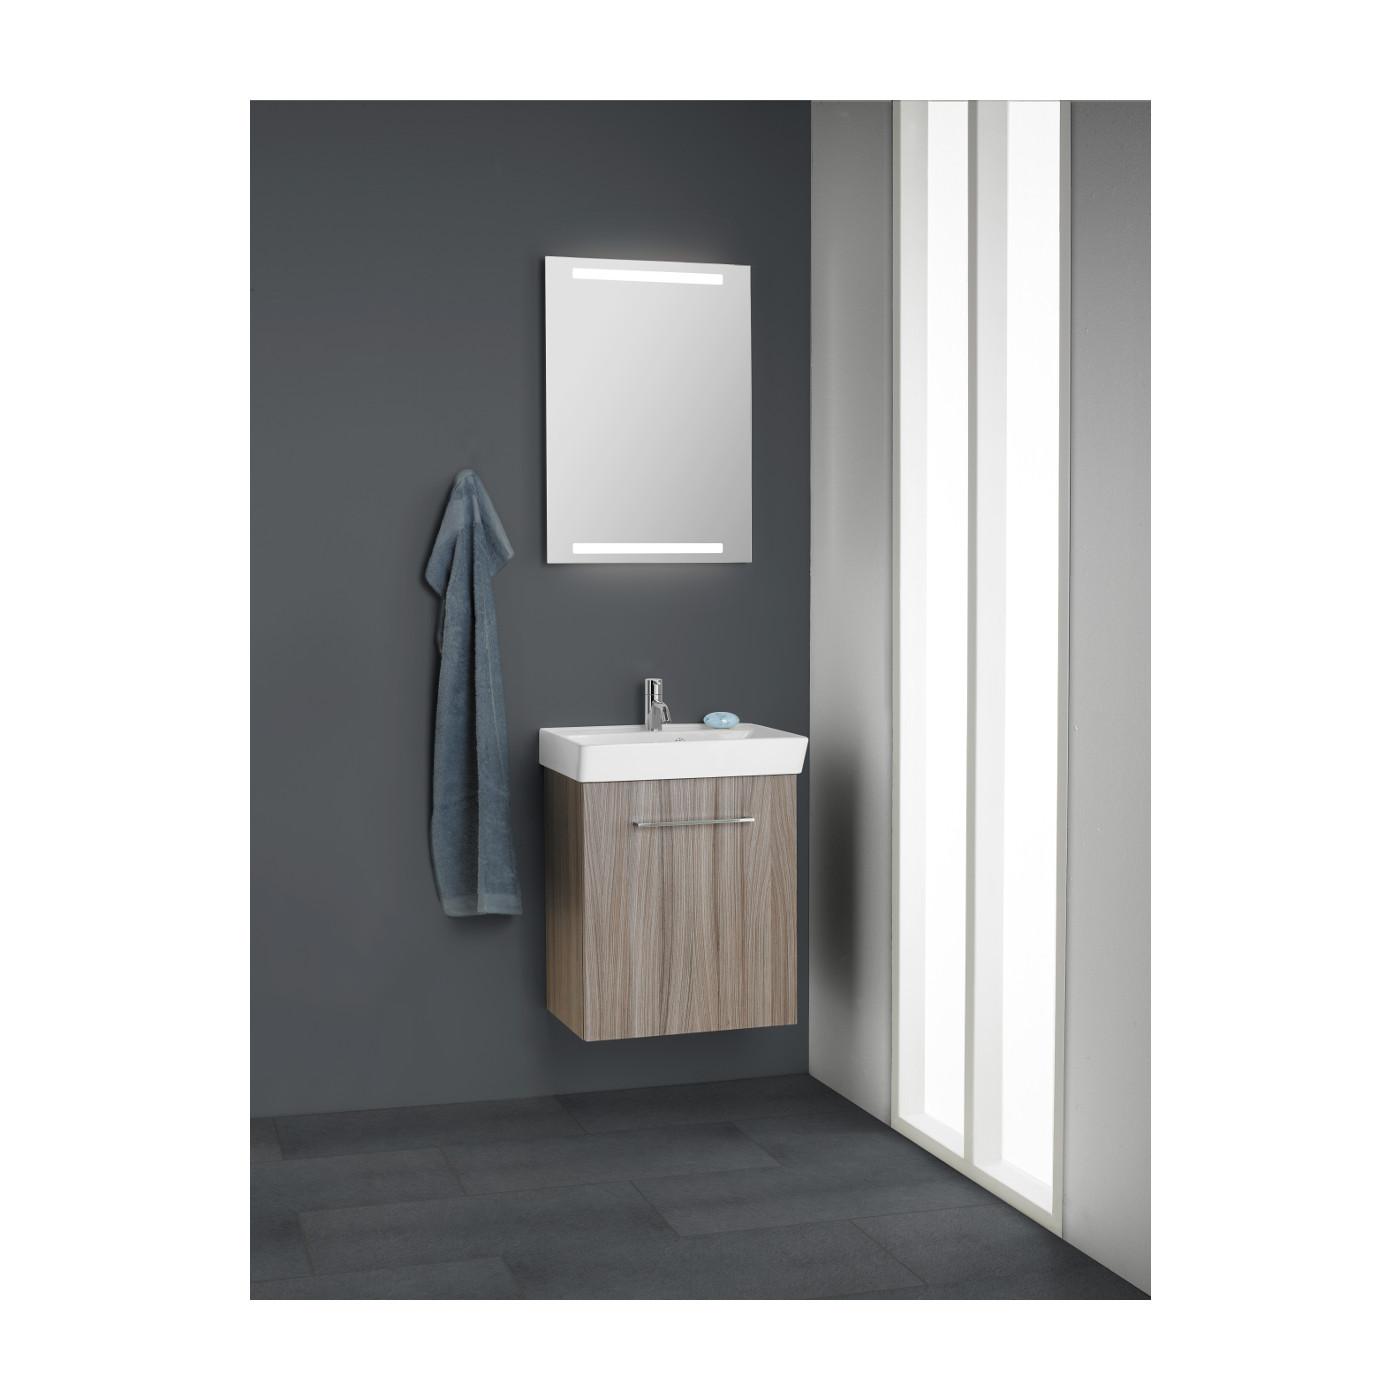 Dansani Mido med speil eller speilskap